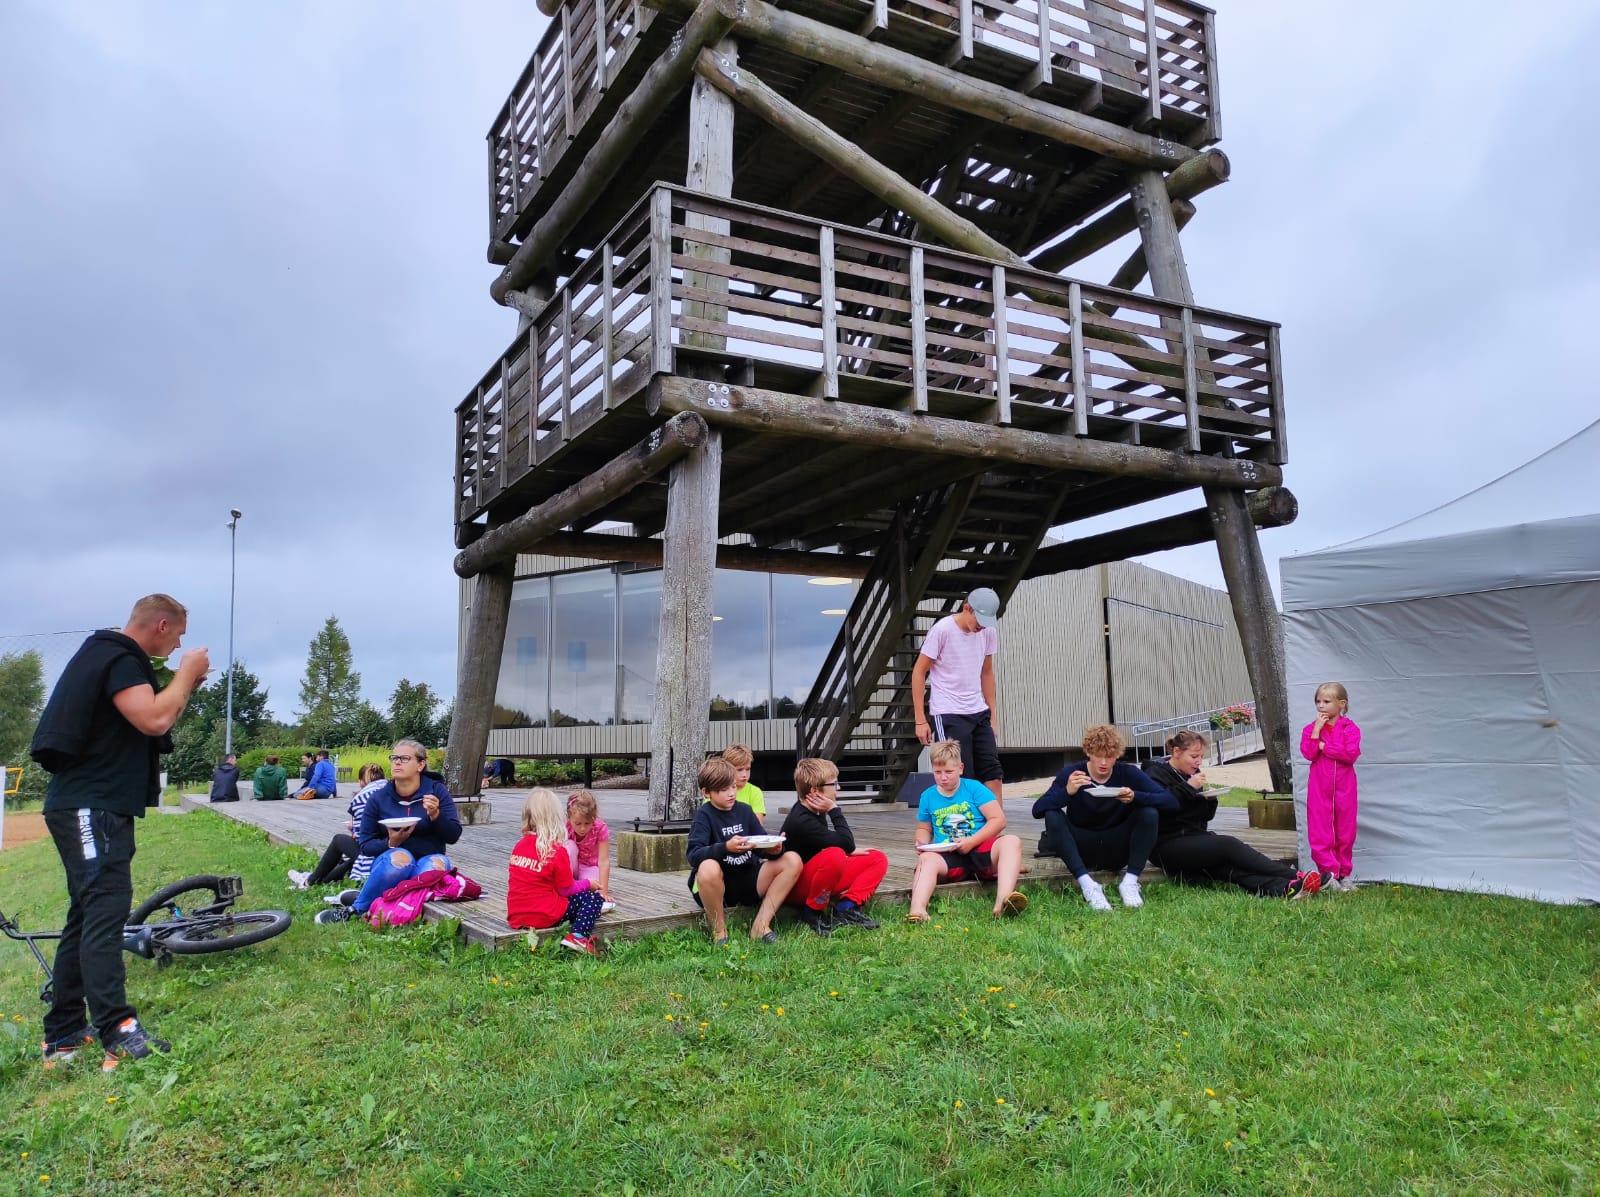 Pozitīvā gaisotnē kopā ar ģimeni pavadīts laiks pie Ungurpils ezera